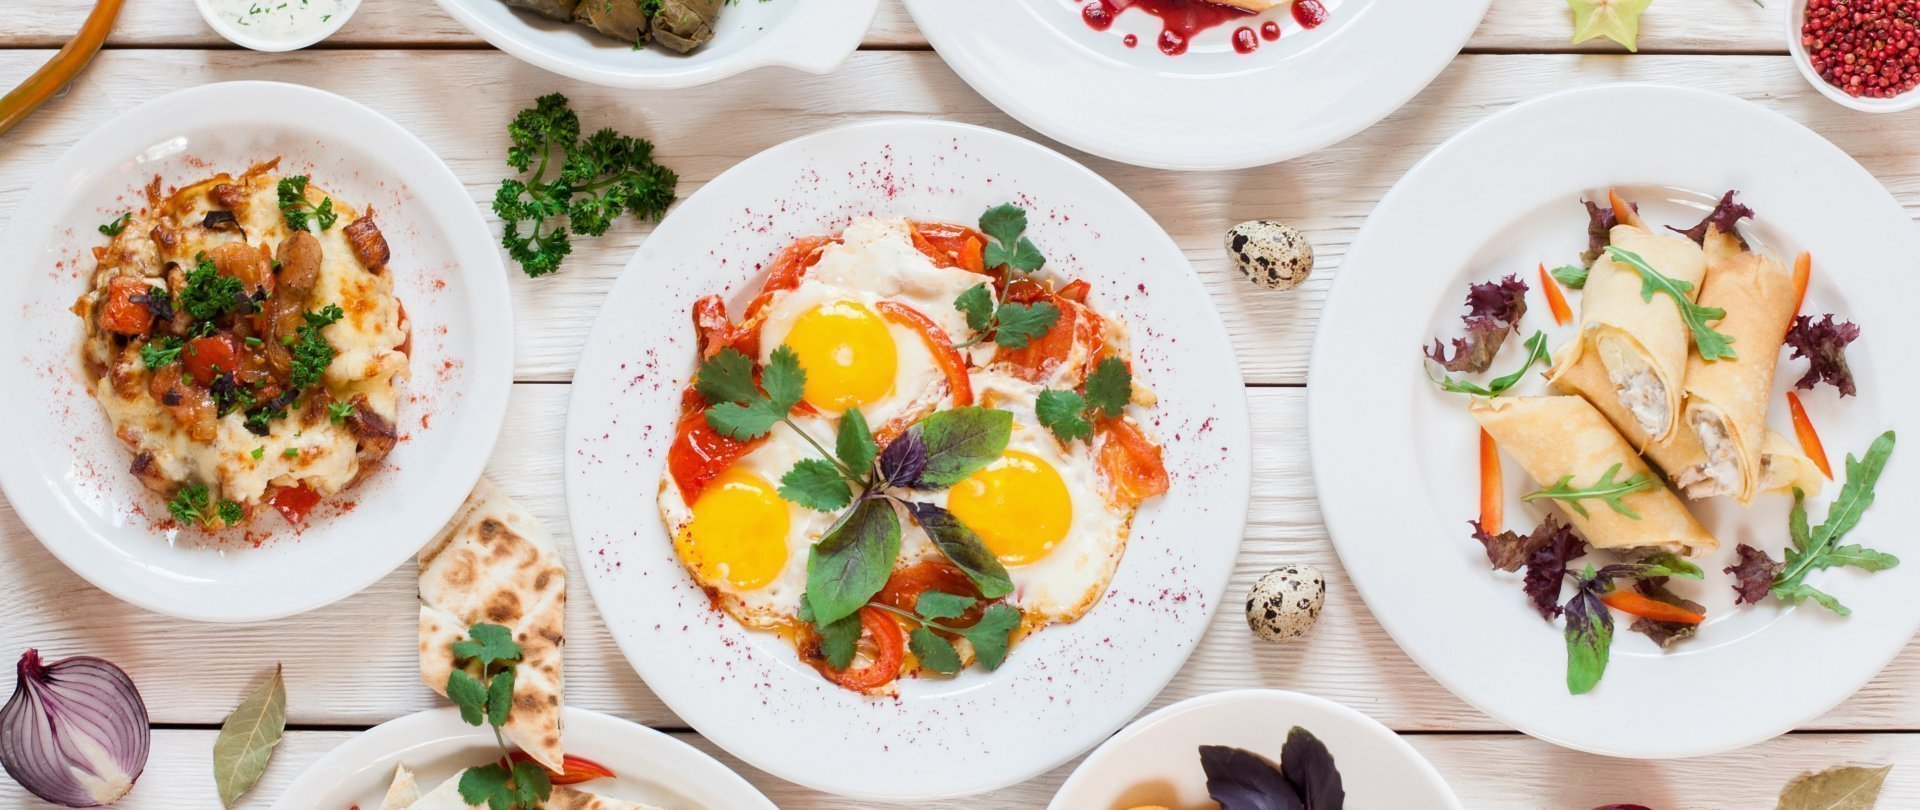 Nocleg ze śniadaniem i obiadokolacją - Z DOSTĘPEM DO STREFY WELLNES